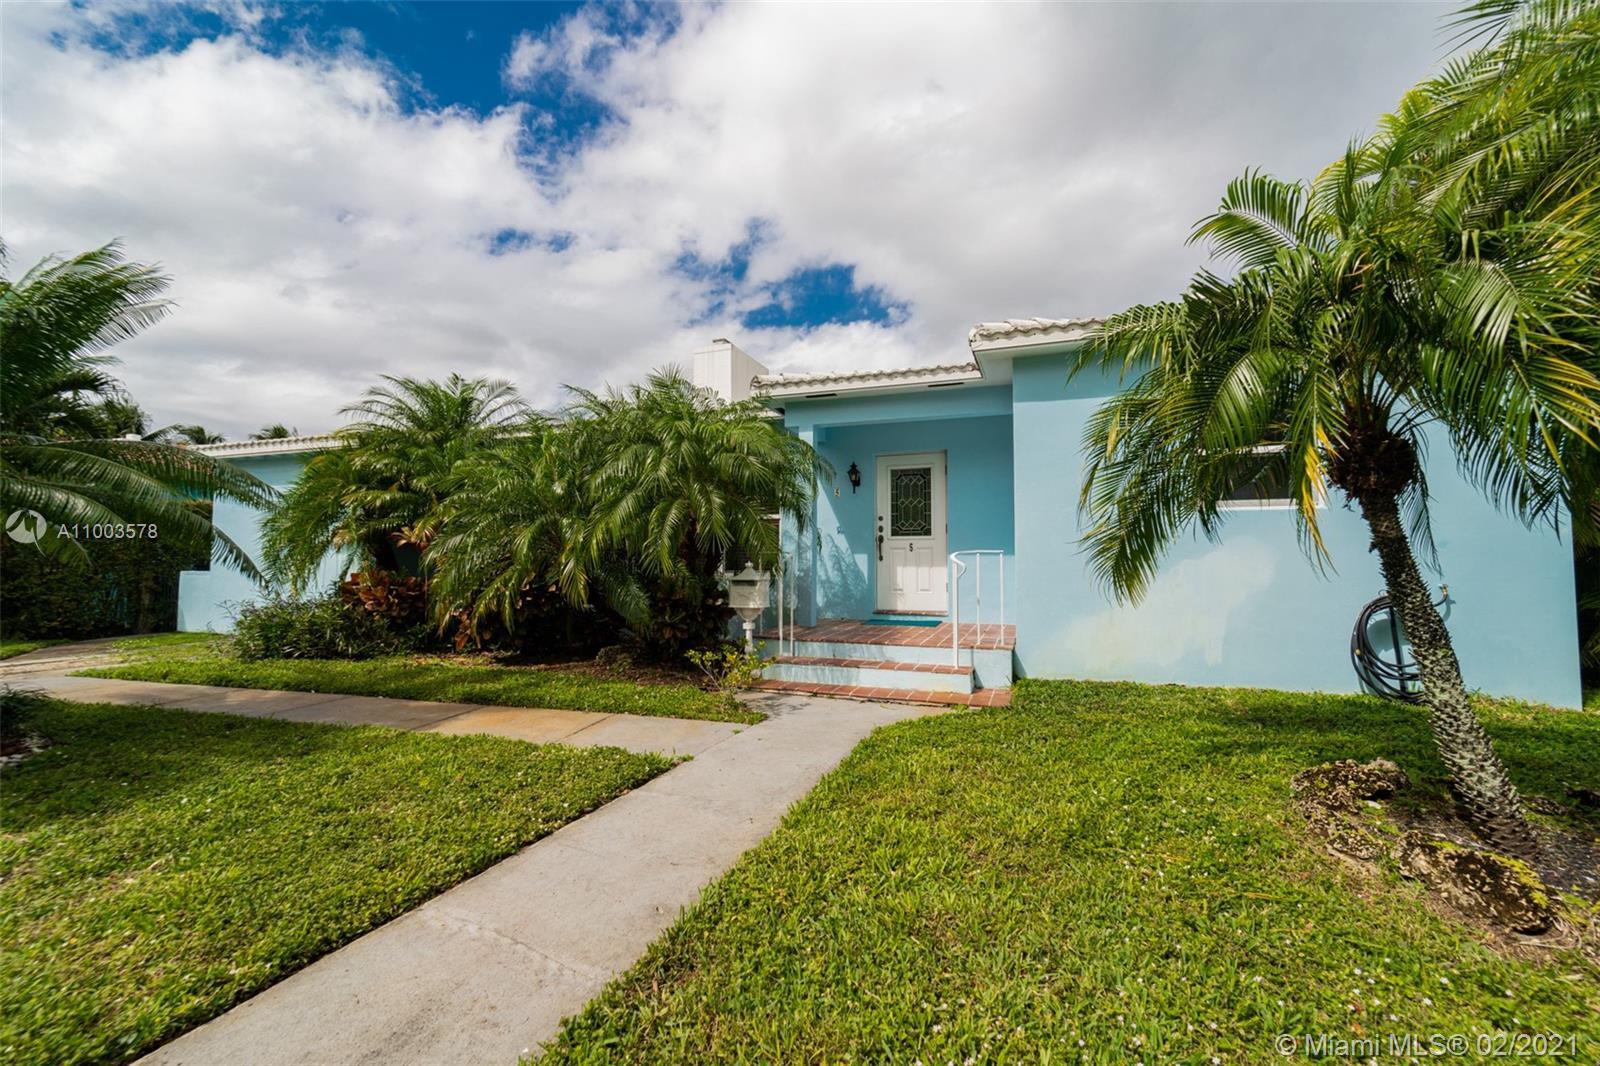 Miami Shores - 5 NW 105th St, Miami Shores, FL 33150